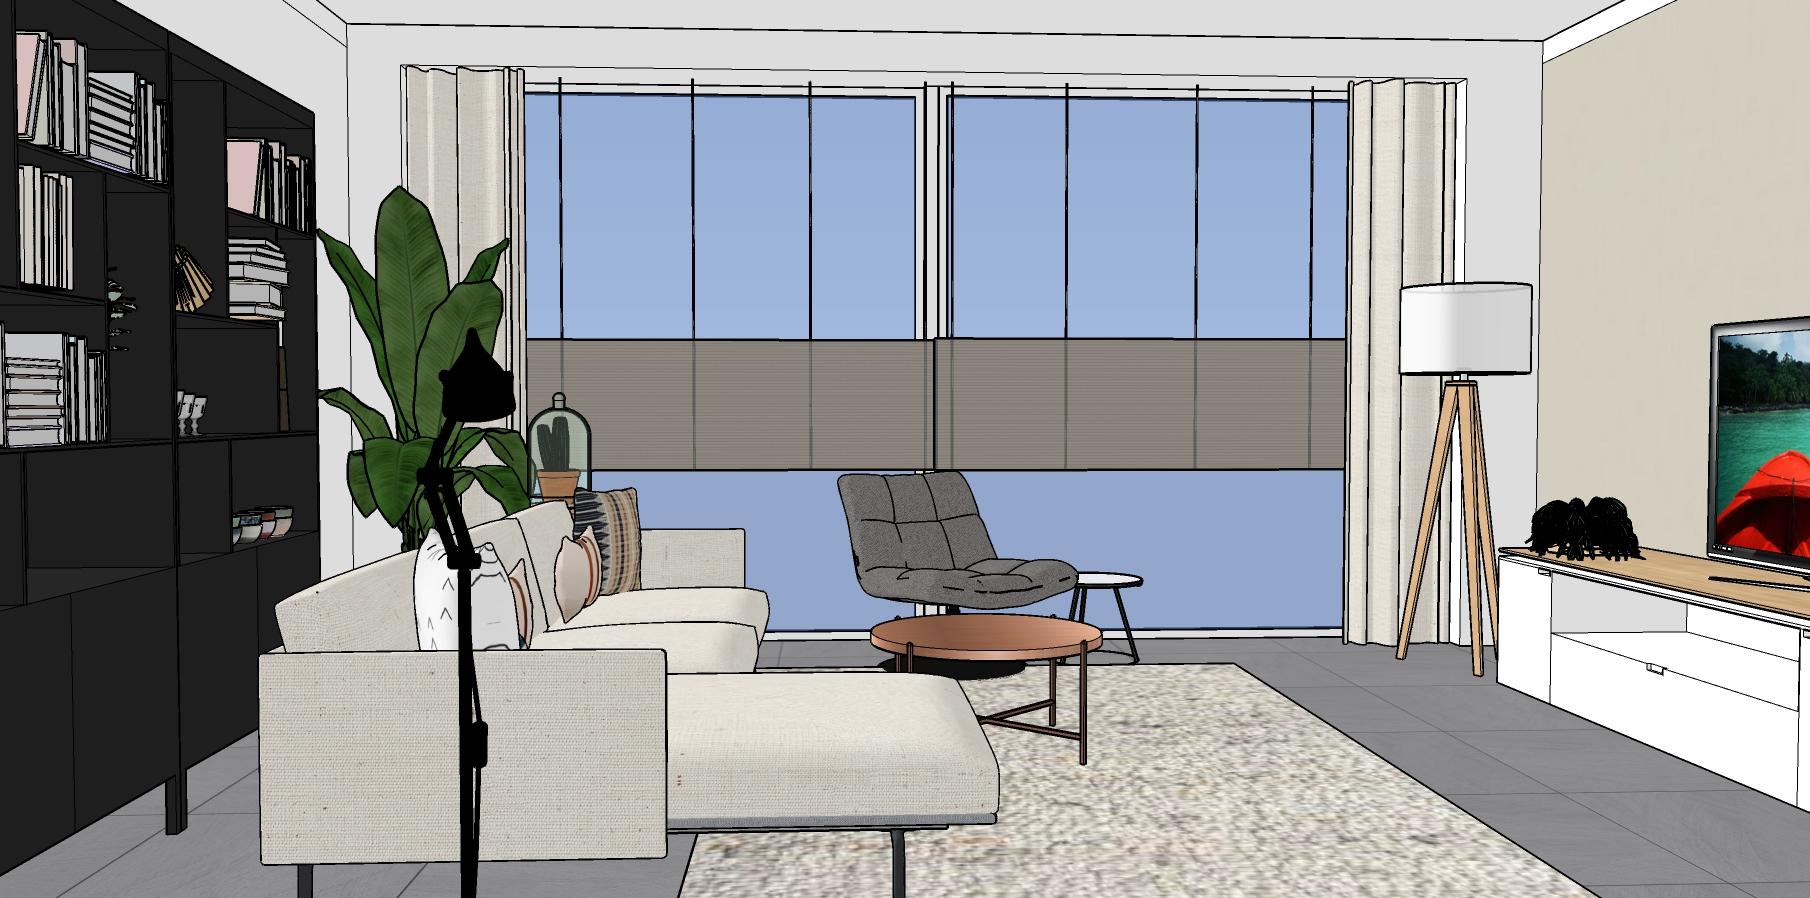 Interieur 3D ontwerp woonkamer met loungebank